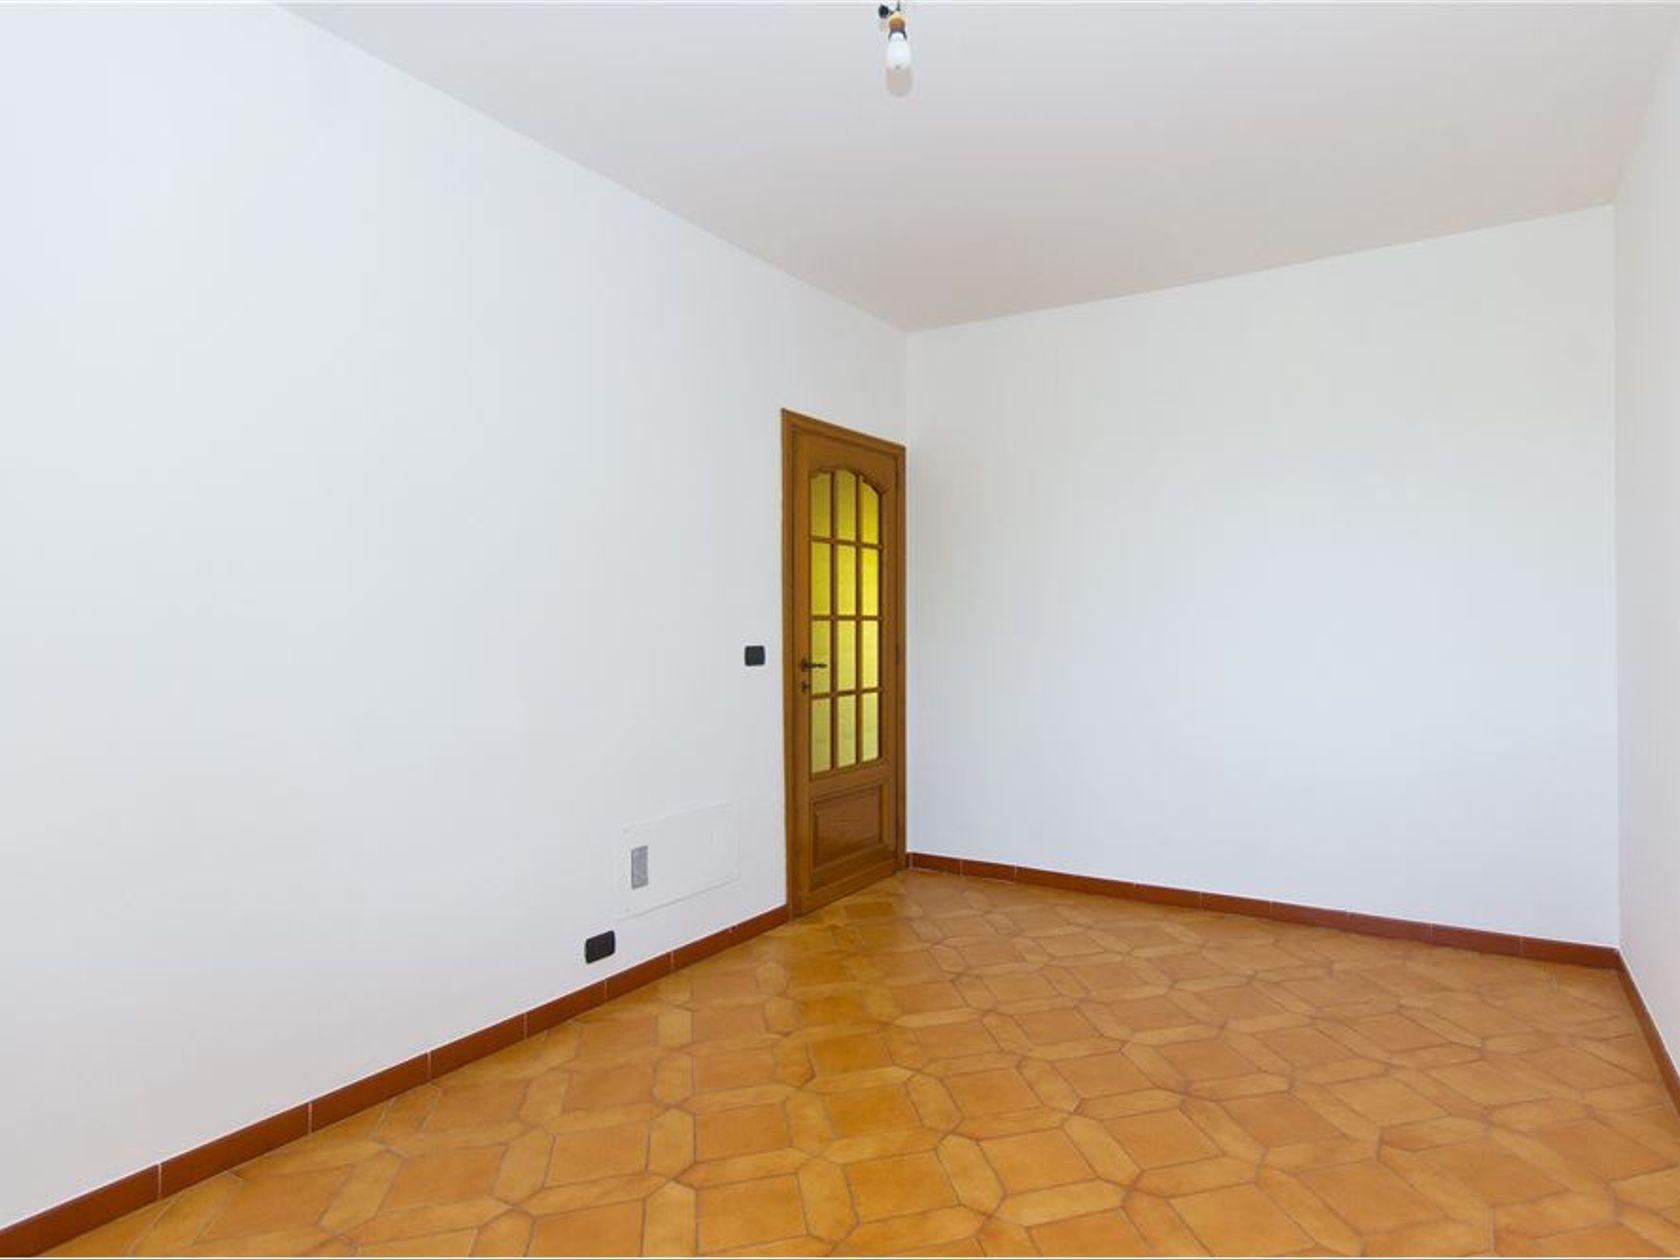 Appartamento Rosta, TO Vendita - Foto 19